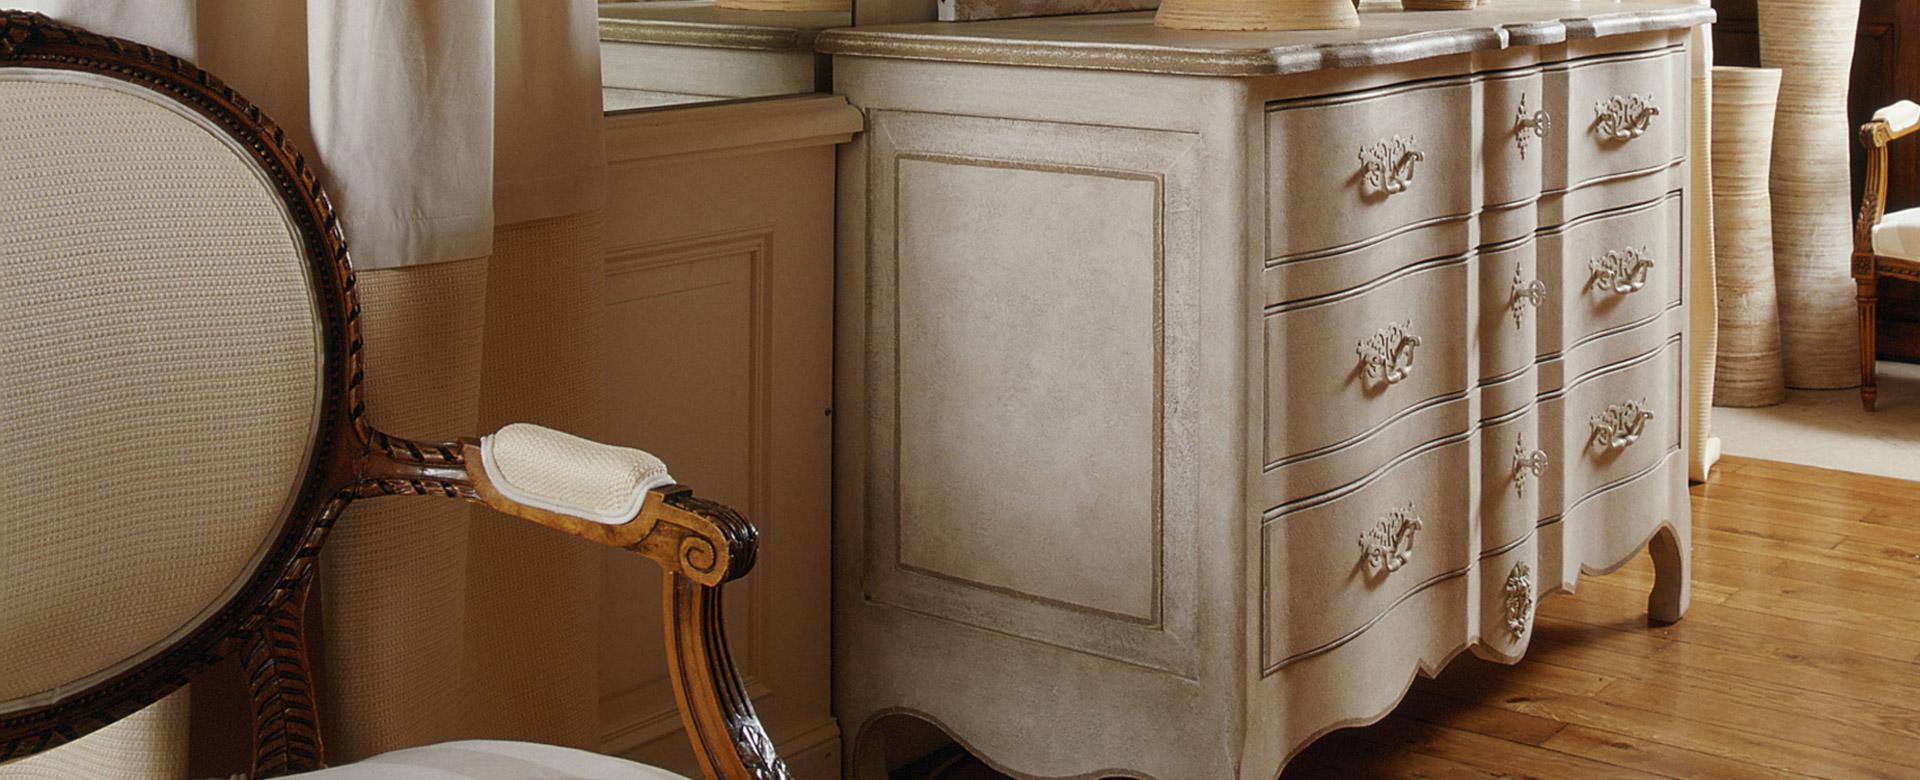 Peinture lasure bois syntilor produit d 39 entretien for Huiler un meuble